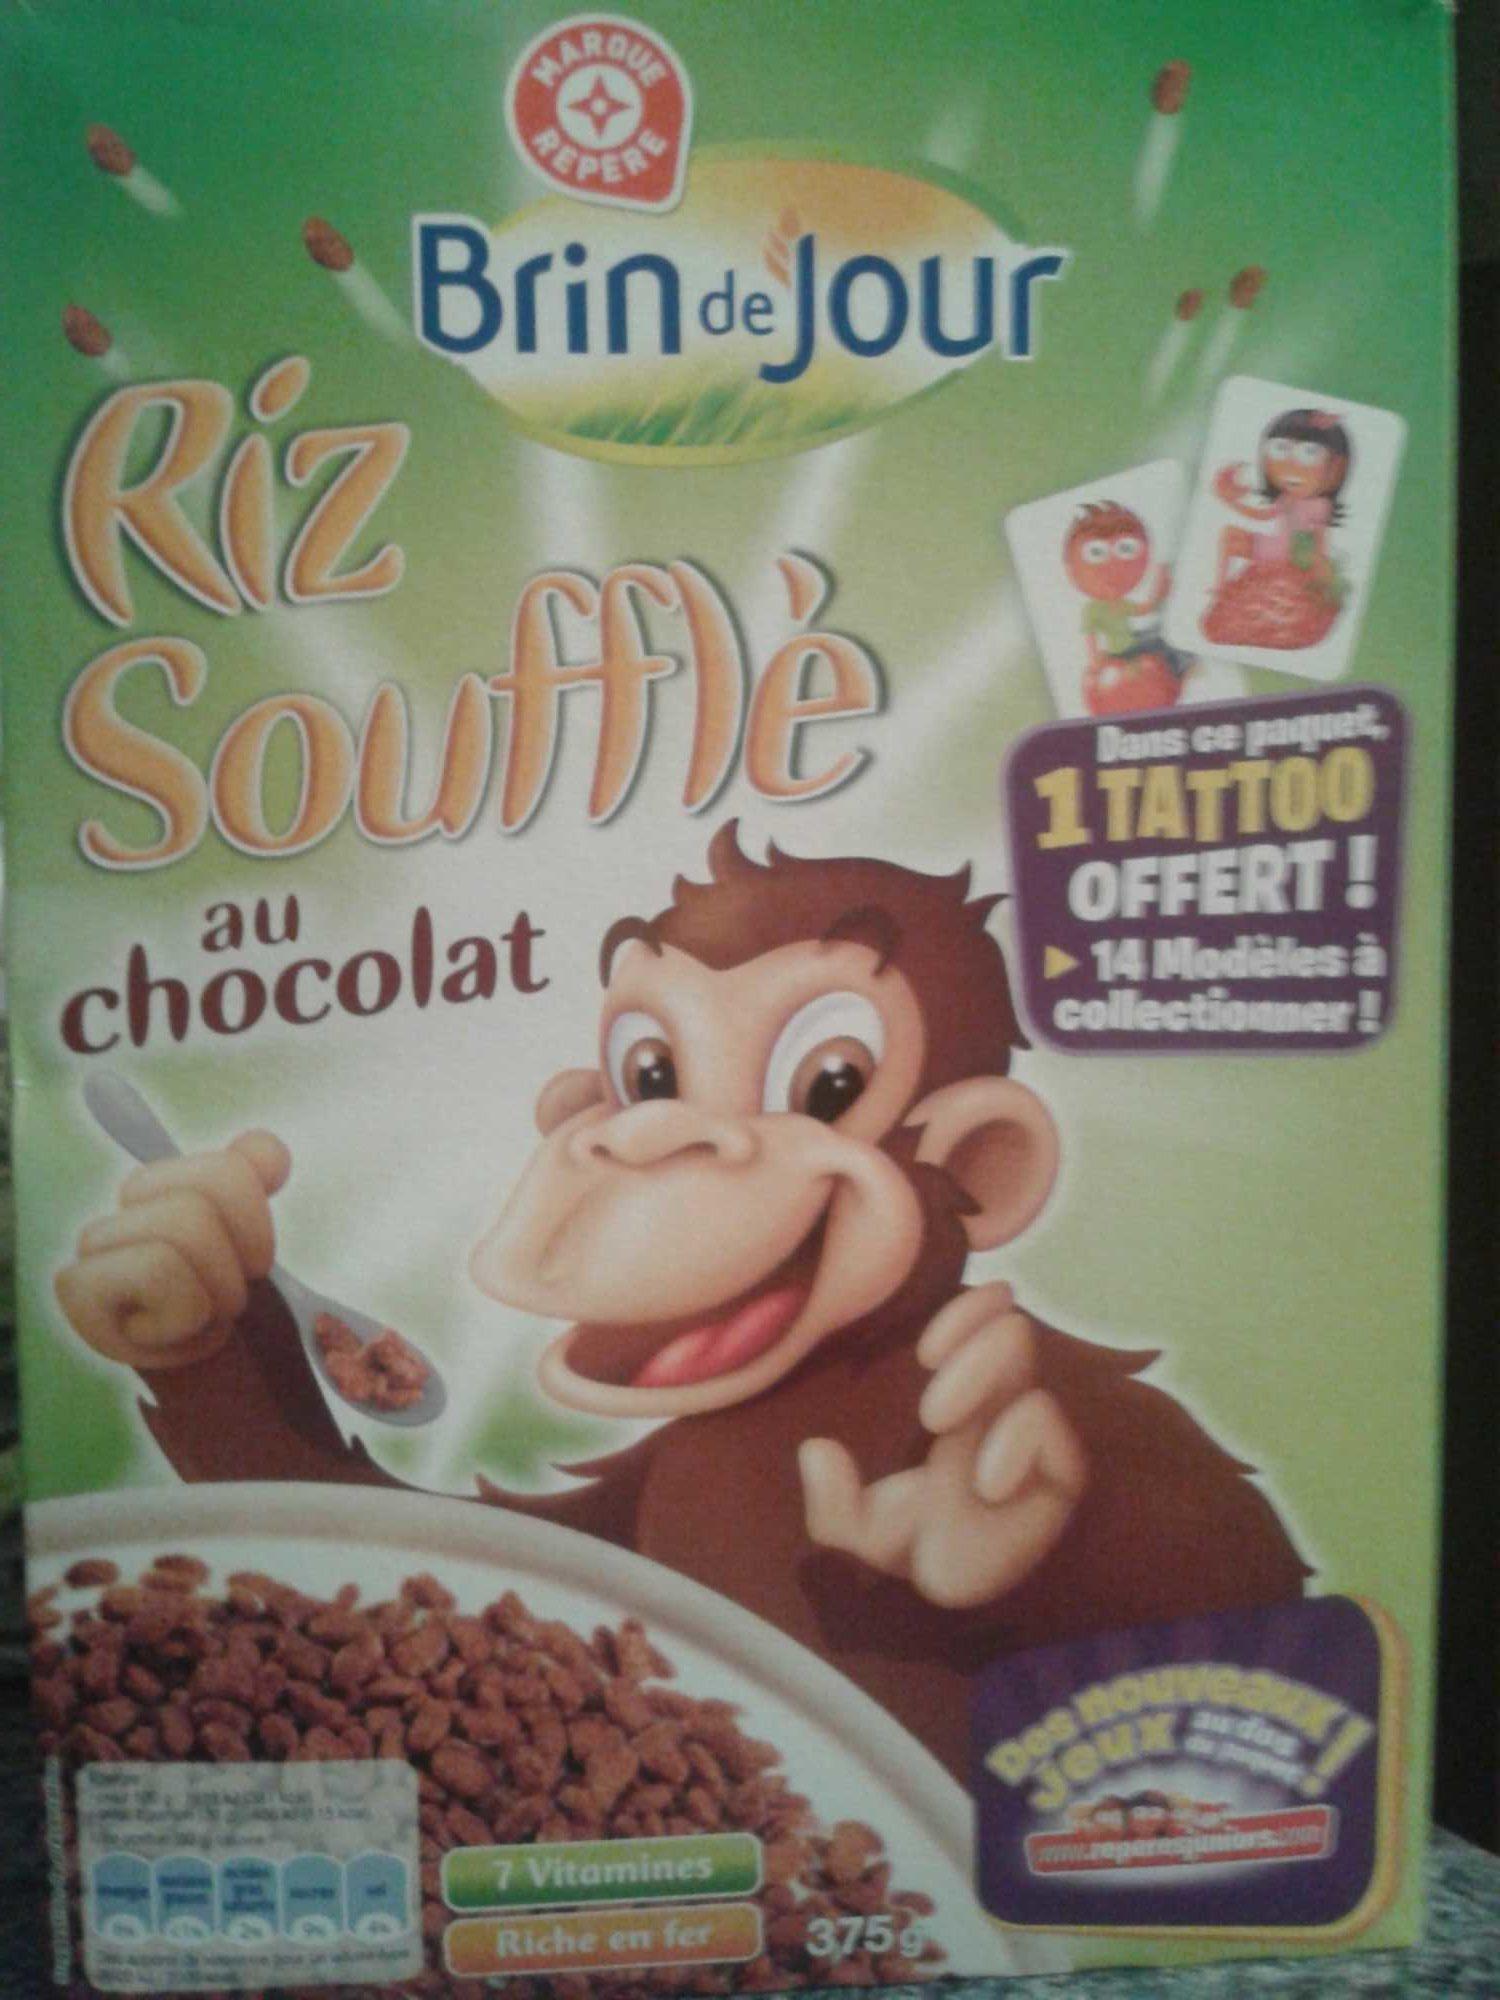 Riz Soufflé au Chocolat - Produit - fr